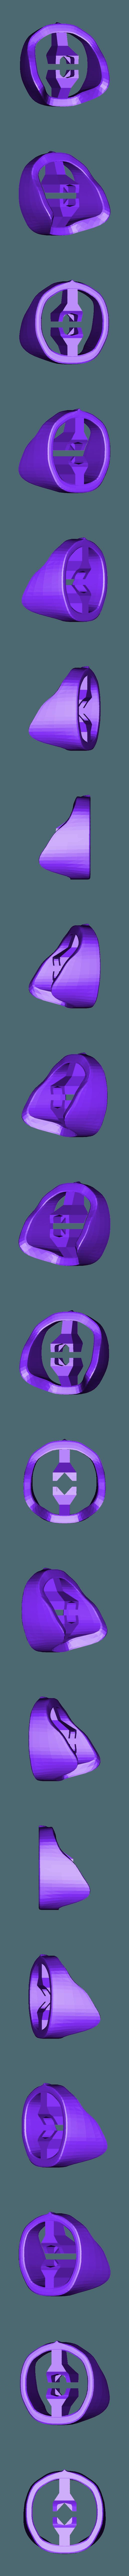 dunk_trunk_front.stl Download free STL file Flexi 3D Fish • 3D printer model, 25caih